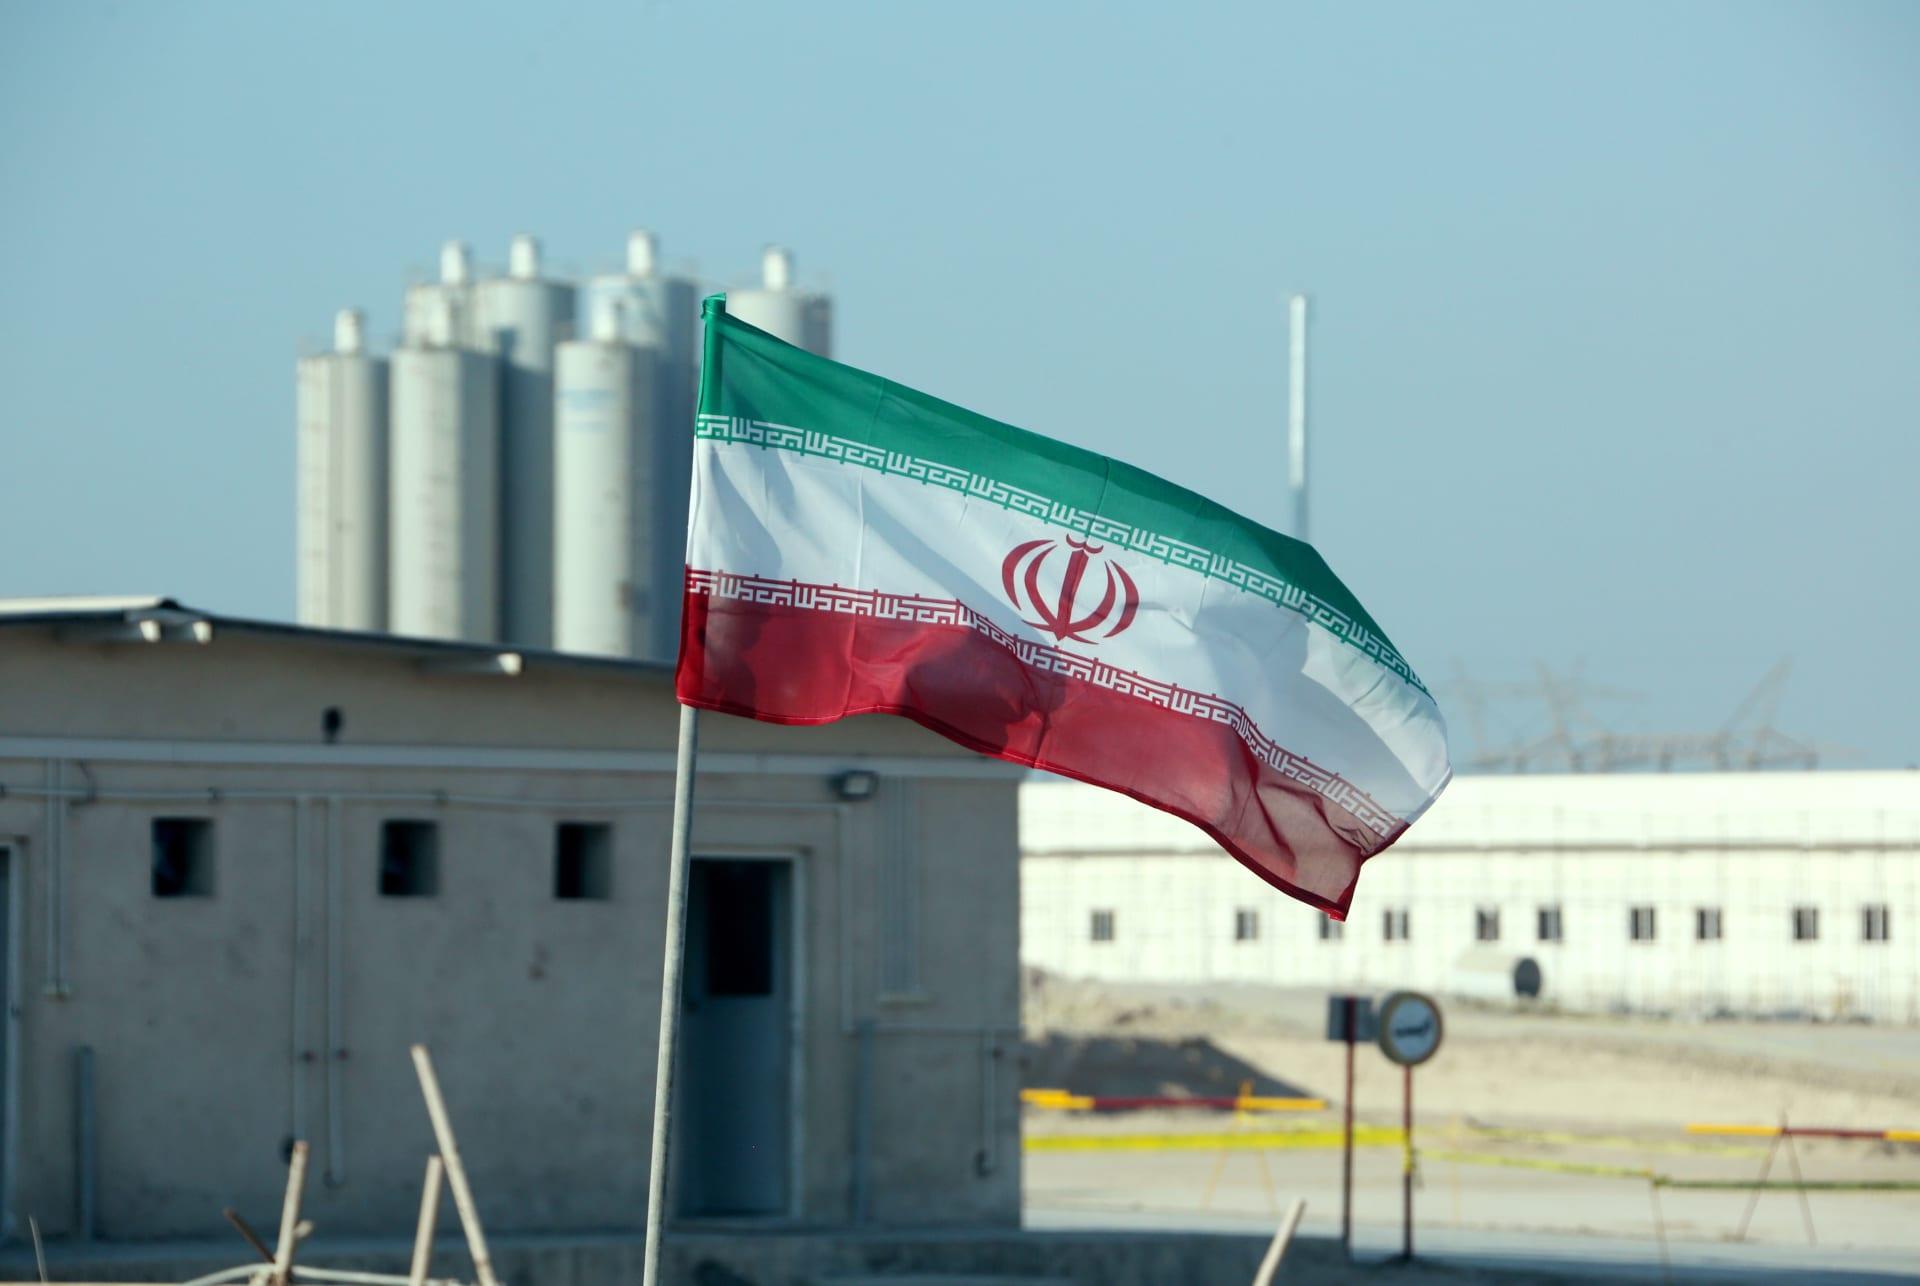 إيران تعلن تخليها عن الالتزام بجميع قيود الاتفاق النووي بشأن تخصيب اليورانيوم